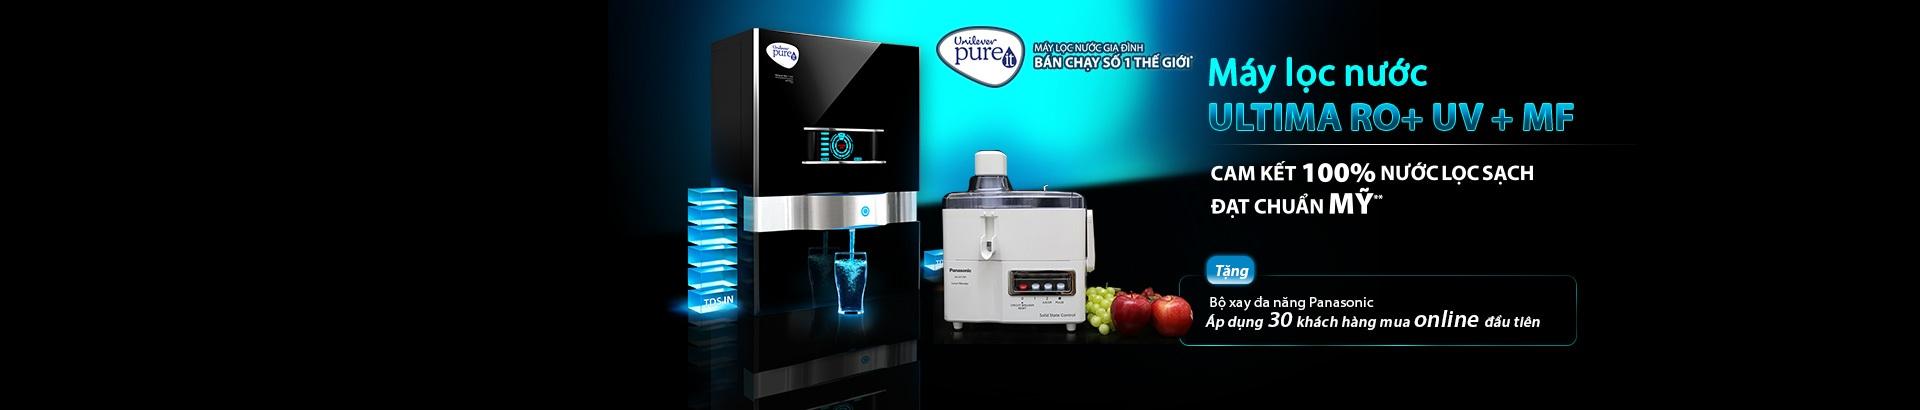 Máy lọc nước Unilever Pure-it - Nhận quà hấp dẫn